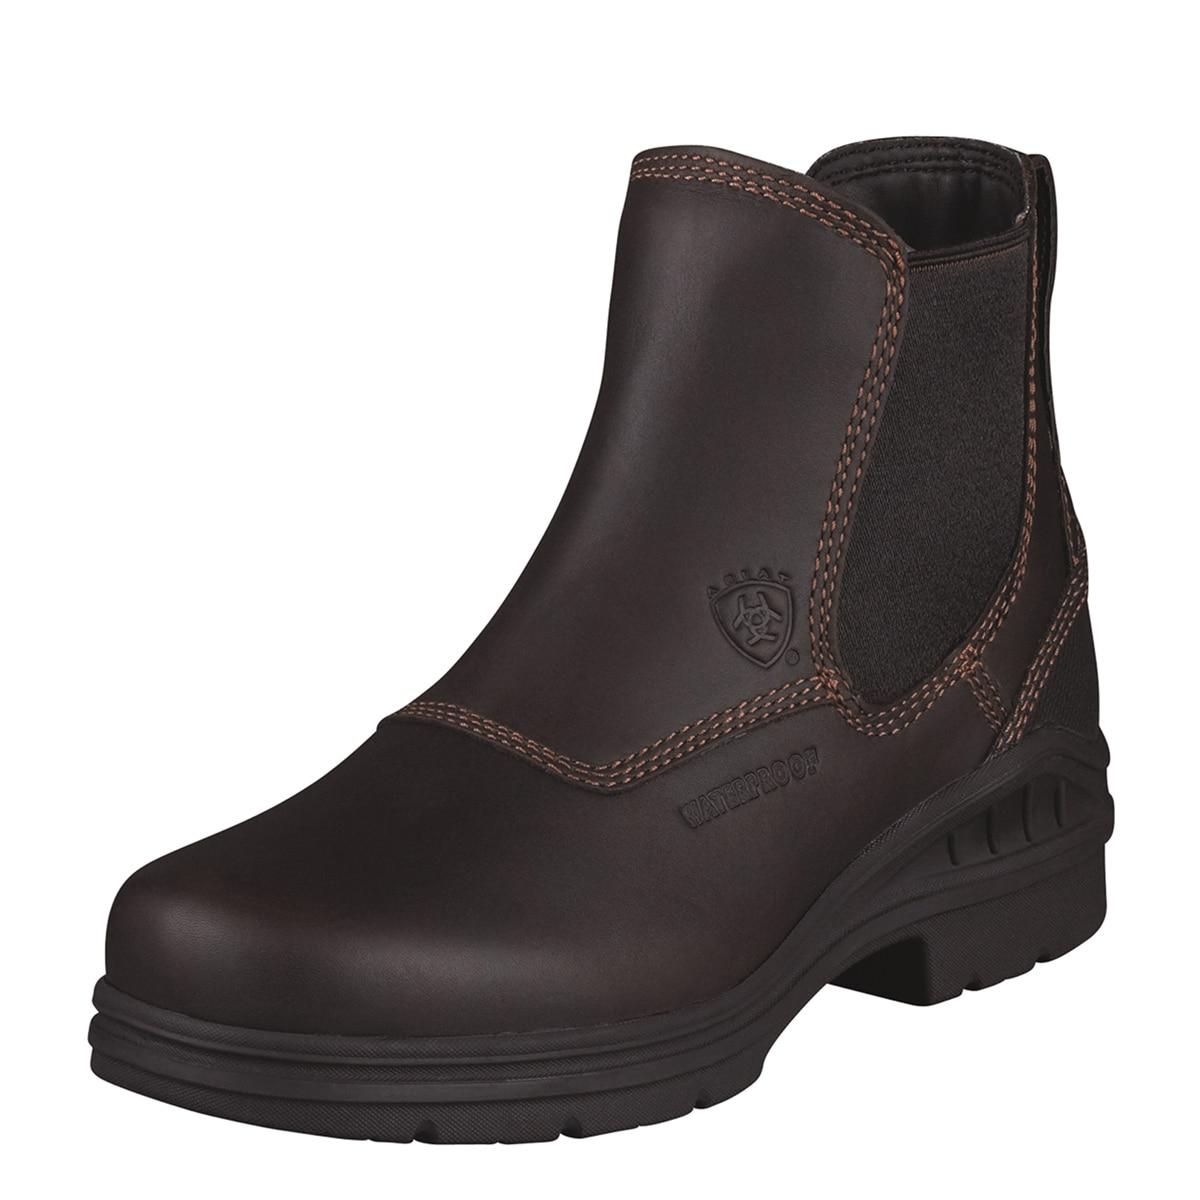 0f3cac06bd6 Ariat Women's Barnyard Twin Gore H2O Boot - Waterproof